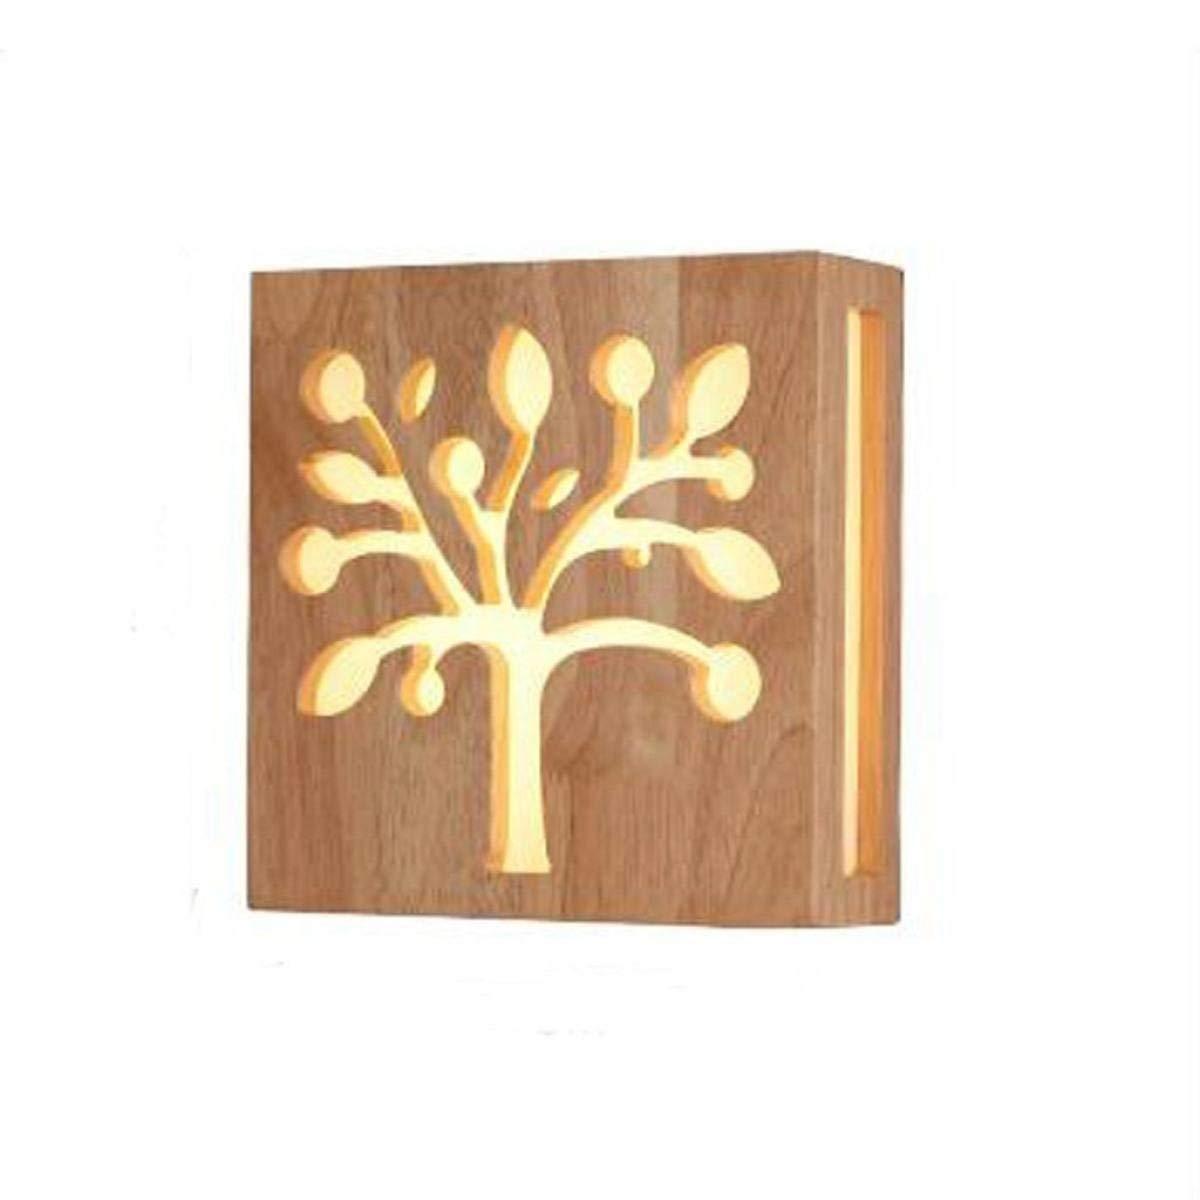 Eeayyygch Wandleuchte Solid WoodSimple Gang Treppenhaus Schlafzimmer Wohnzimmer